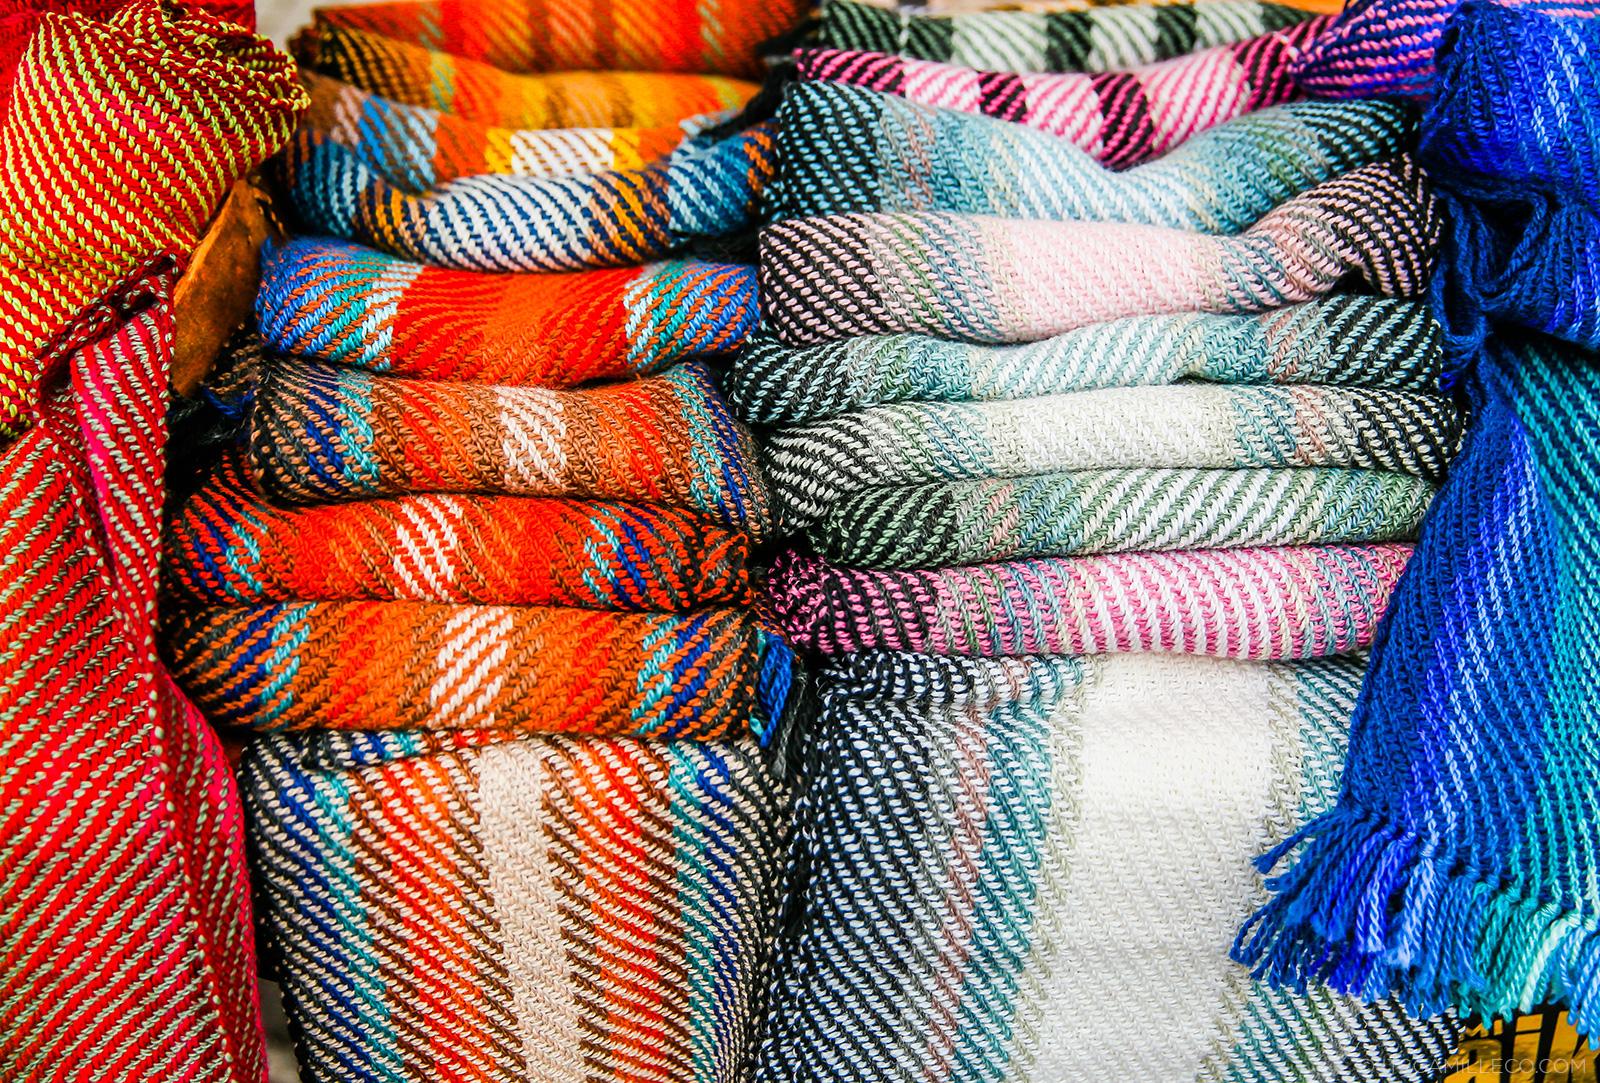 Helsinki scarves - www.itscamilleco.com